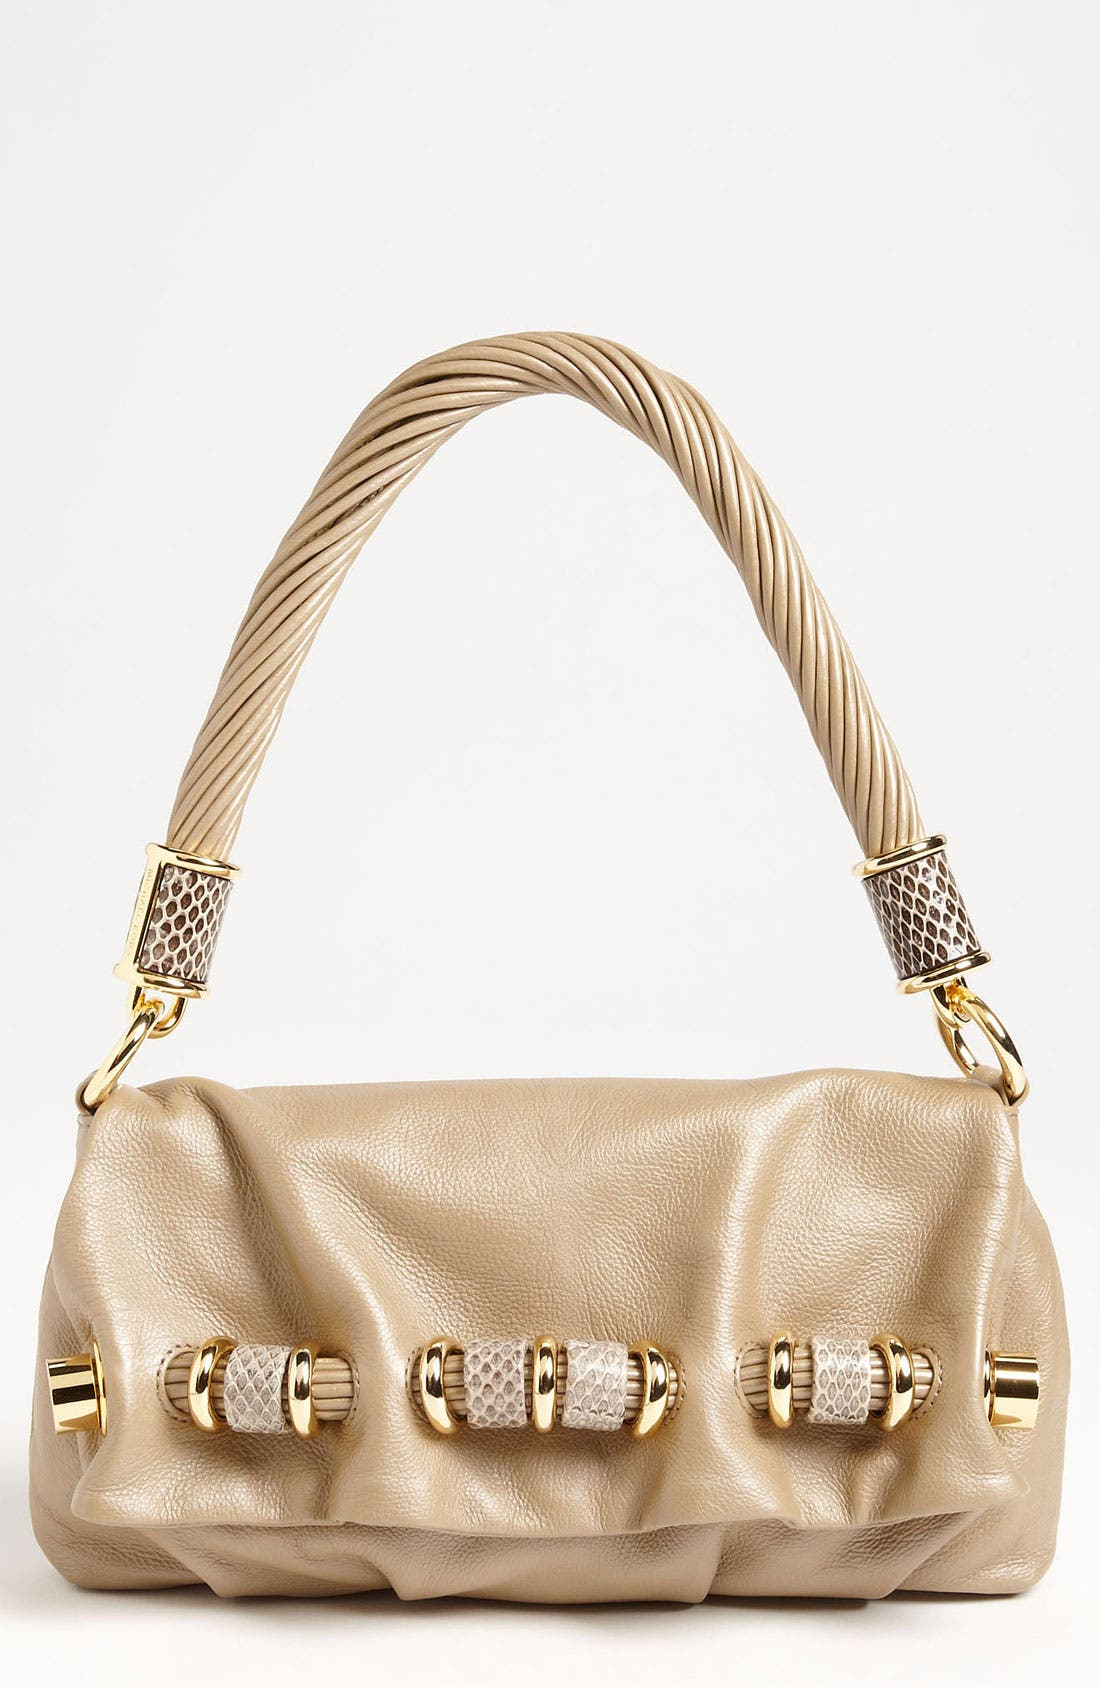 Alternate Image 1 Selected - Michael Kors 'Tonne - Small' Calfskin Leather Shoulder Bag